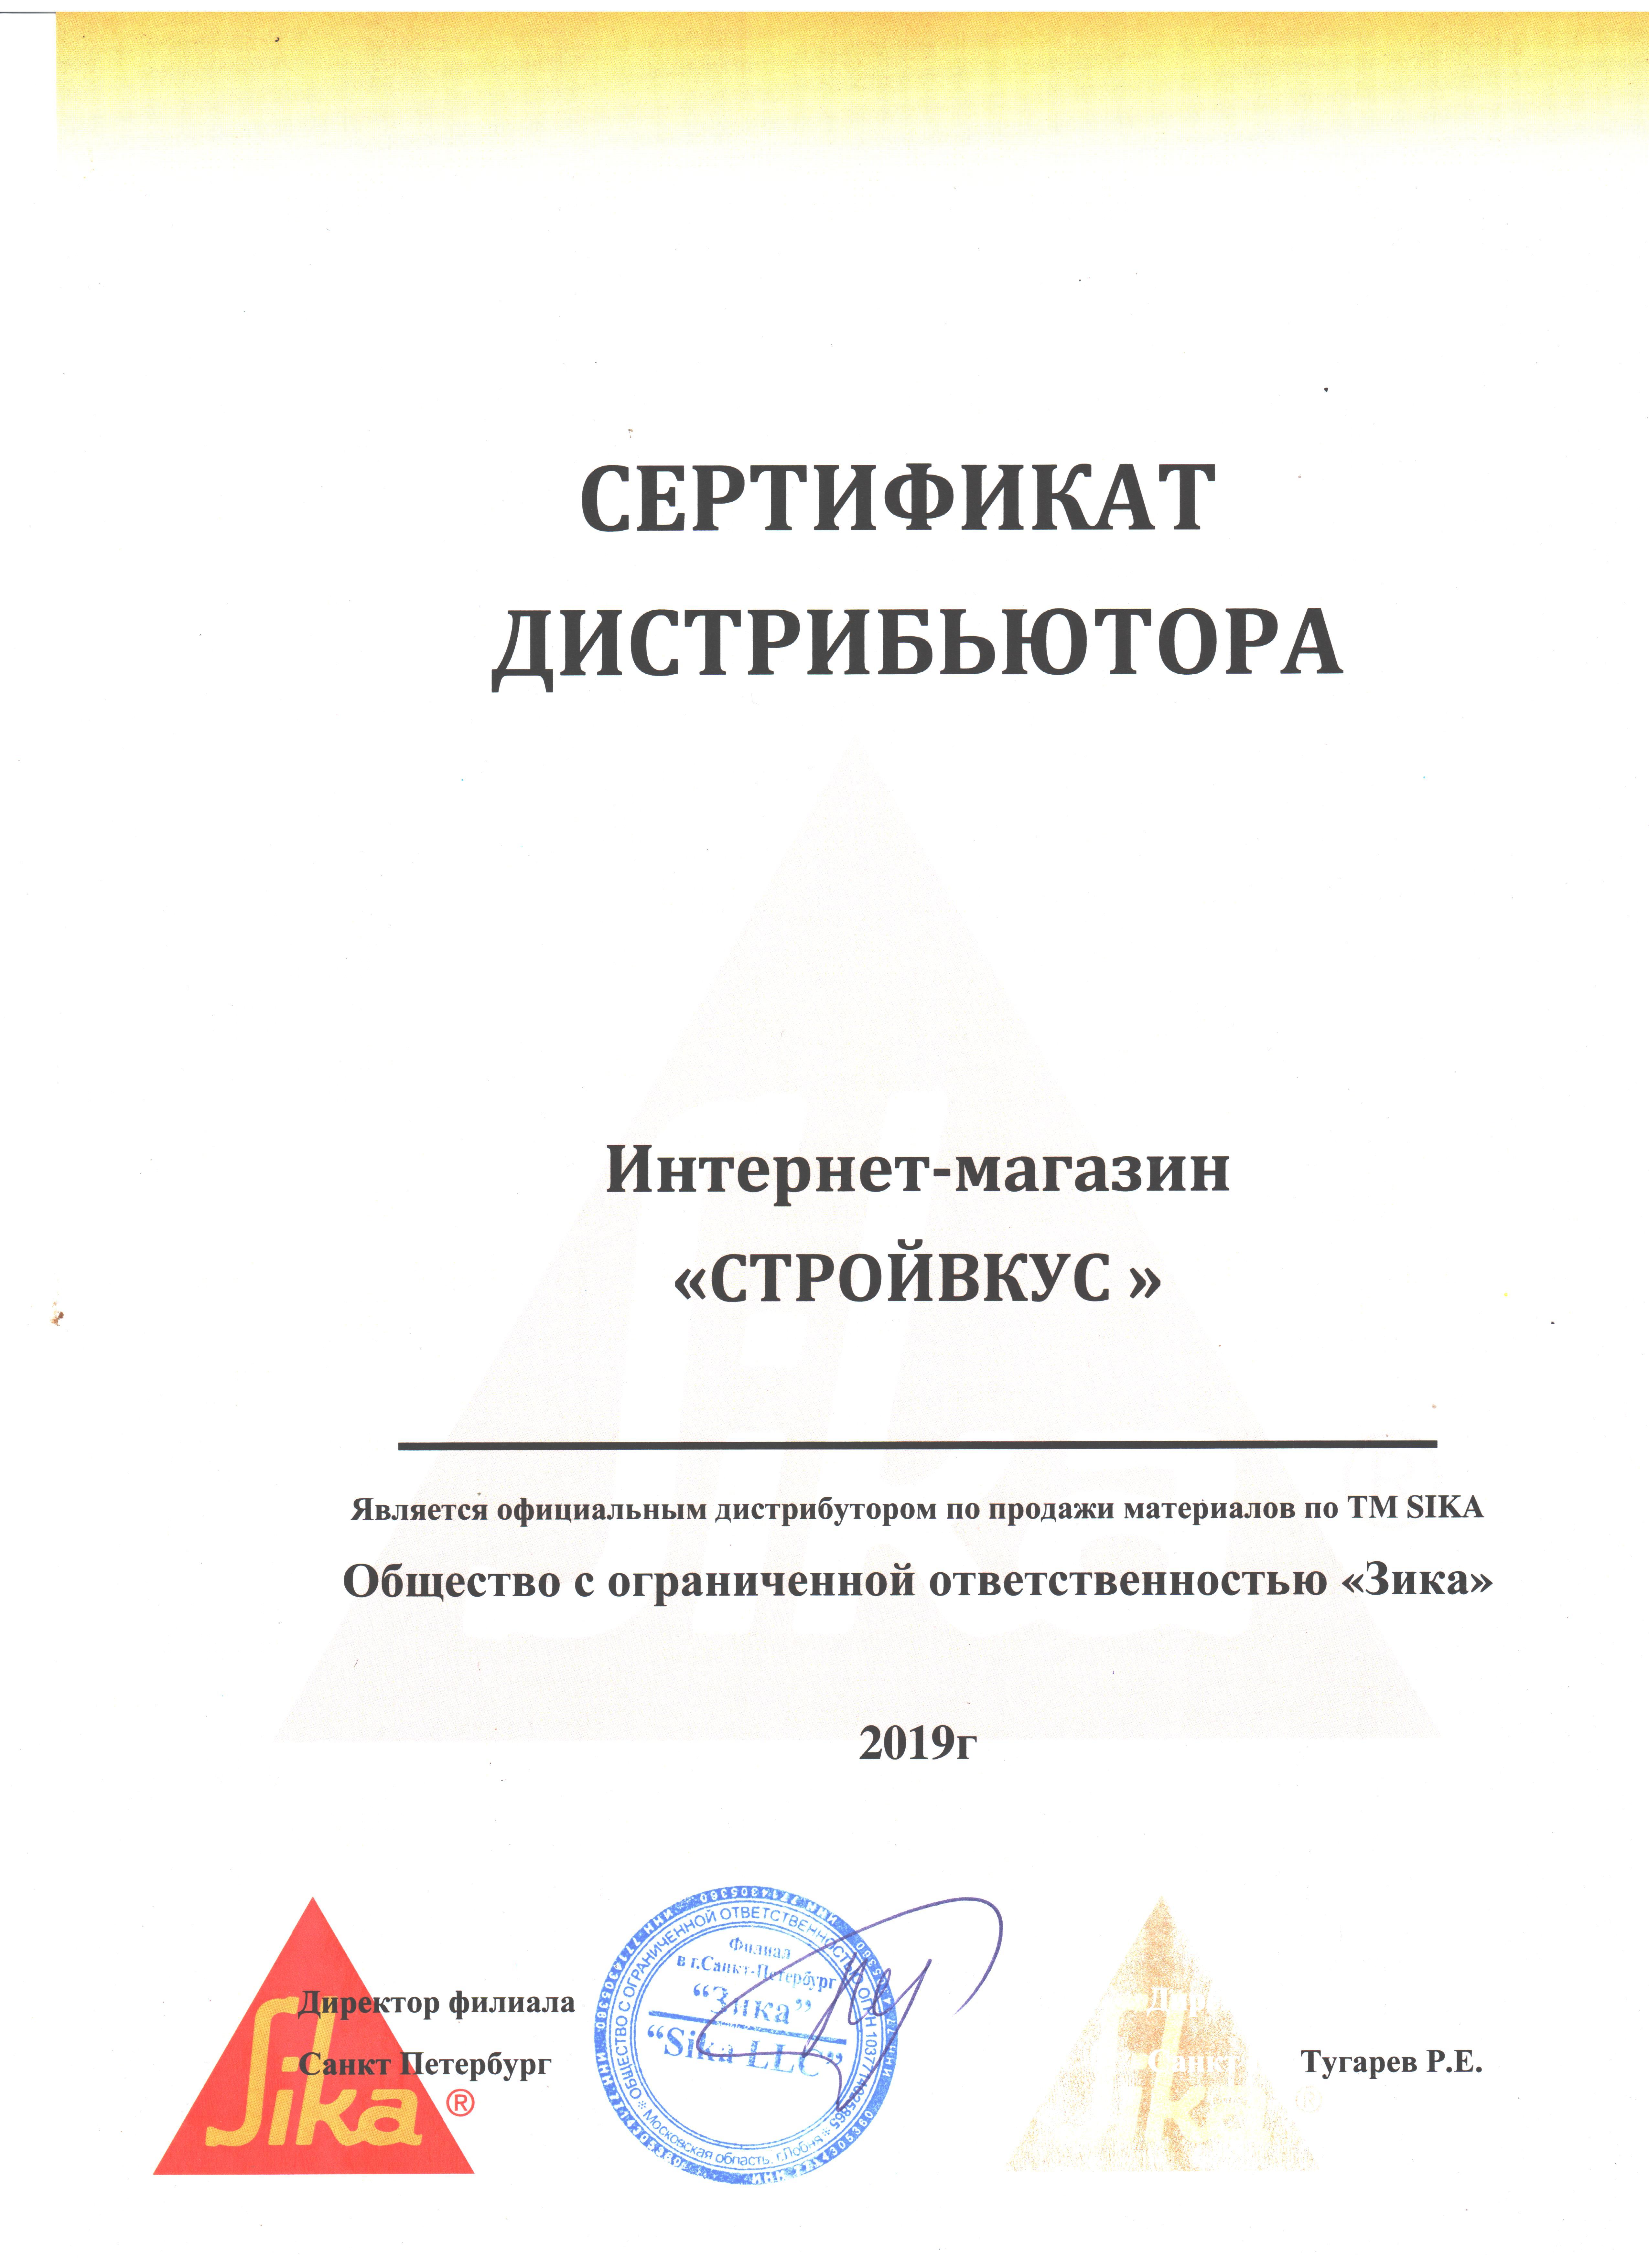 Интернет-магазин Стройвкус официальный представитель торговой марки Sika